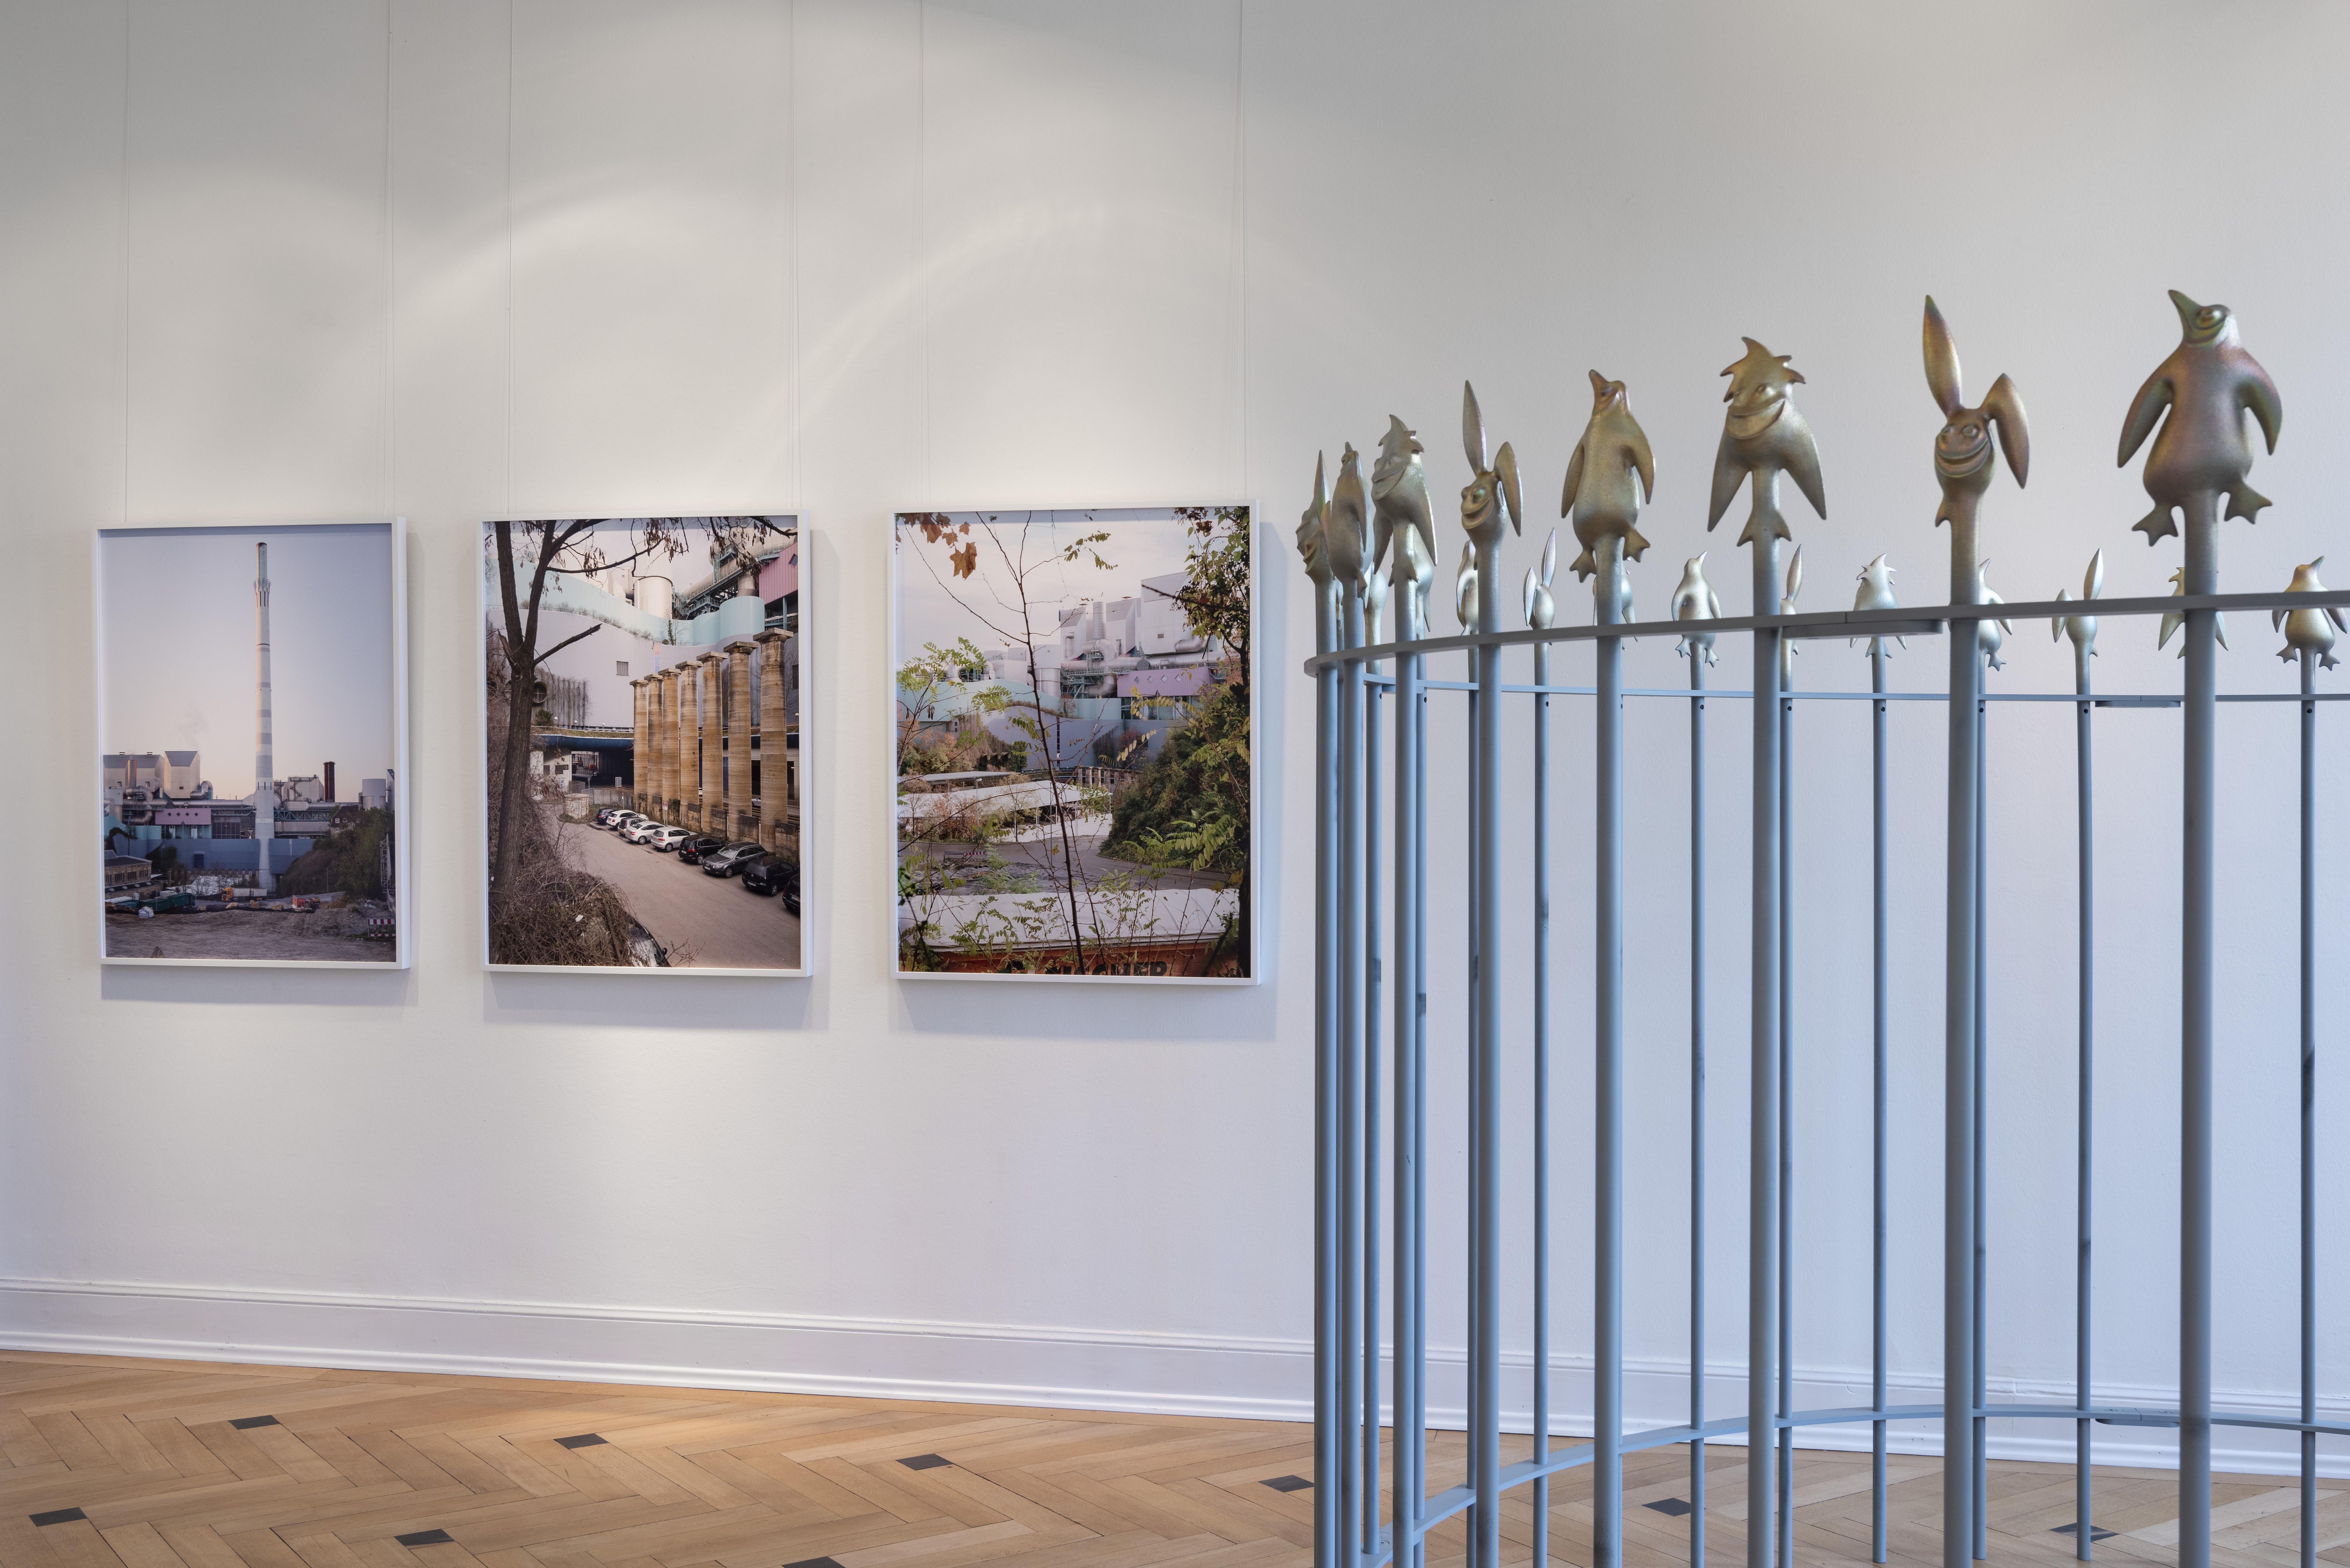 """Abbildung: """"Travertinsäulen"""" von Annette Kelm (links)"""